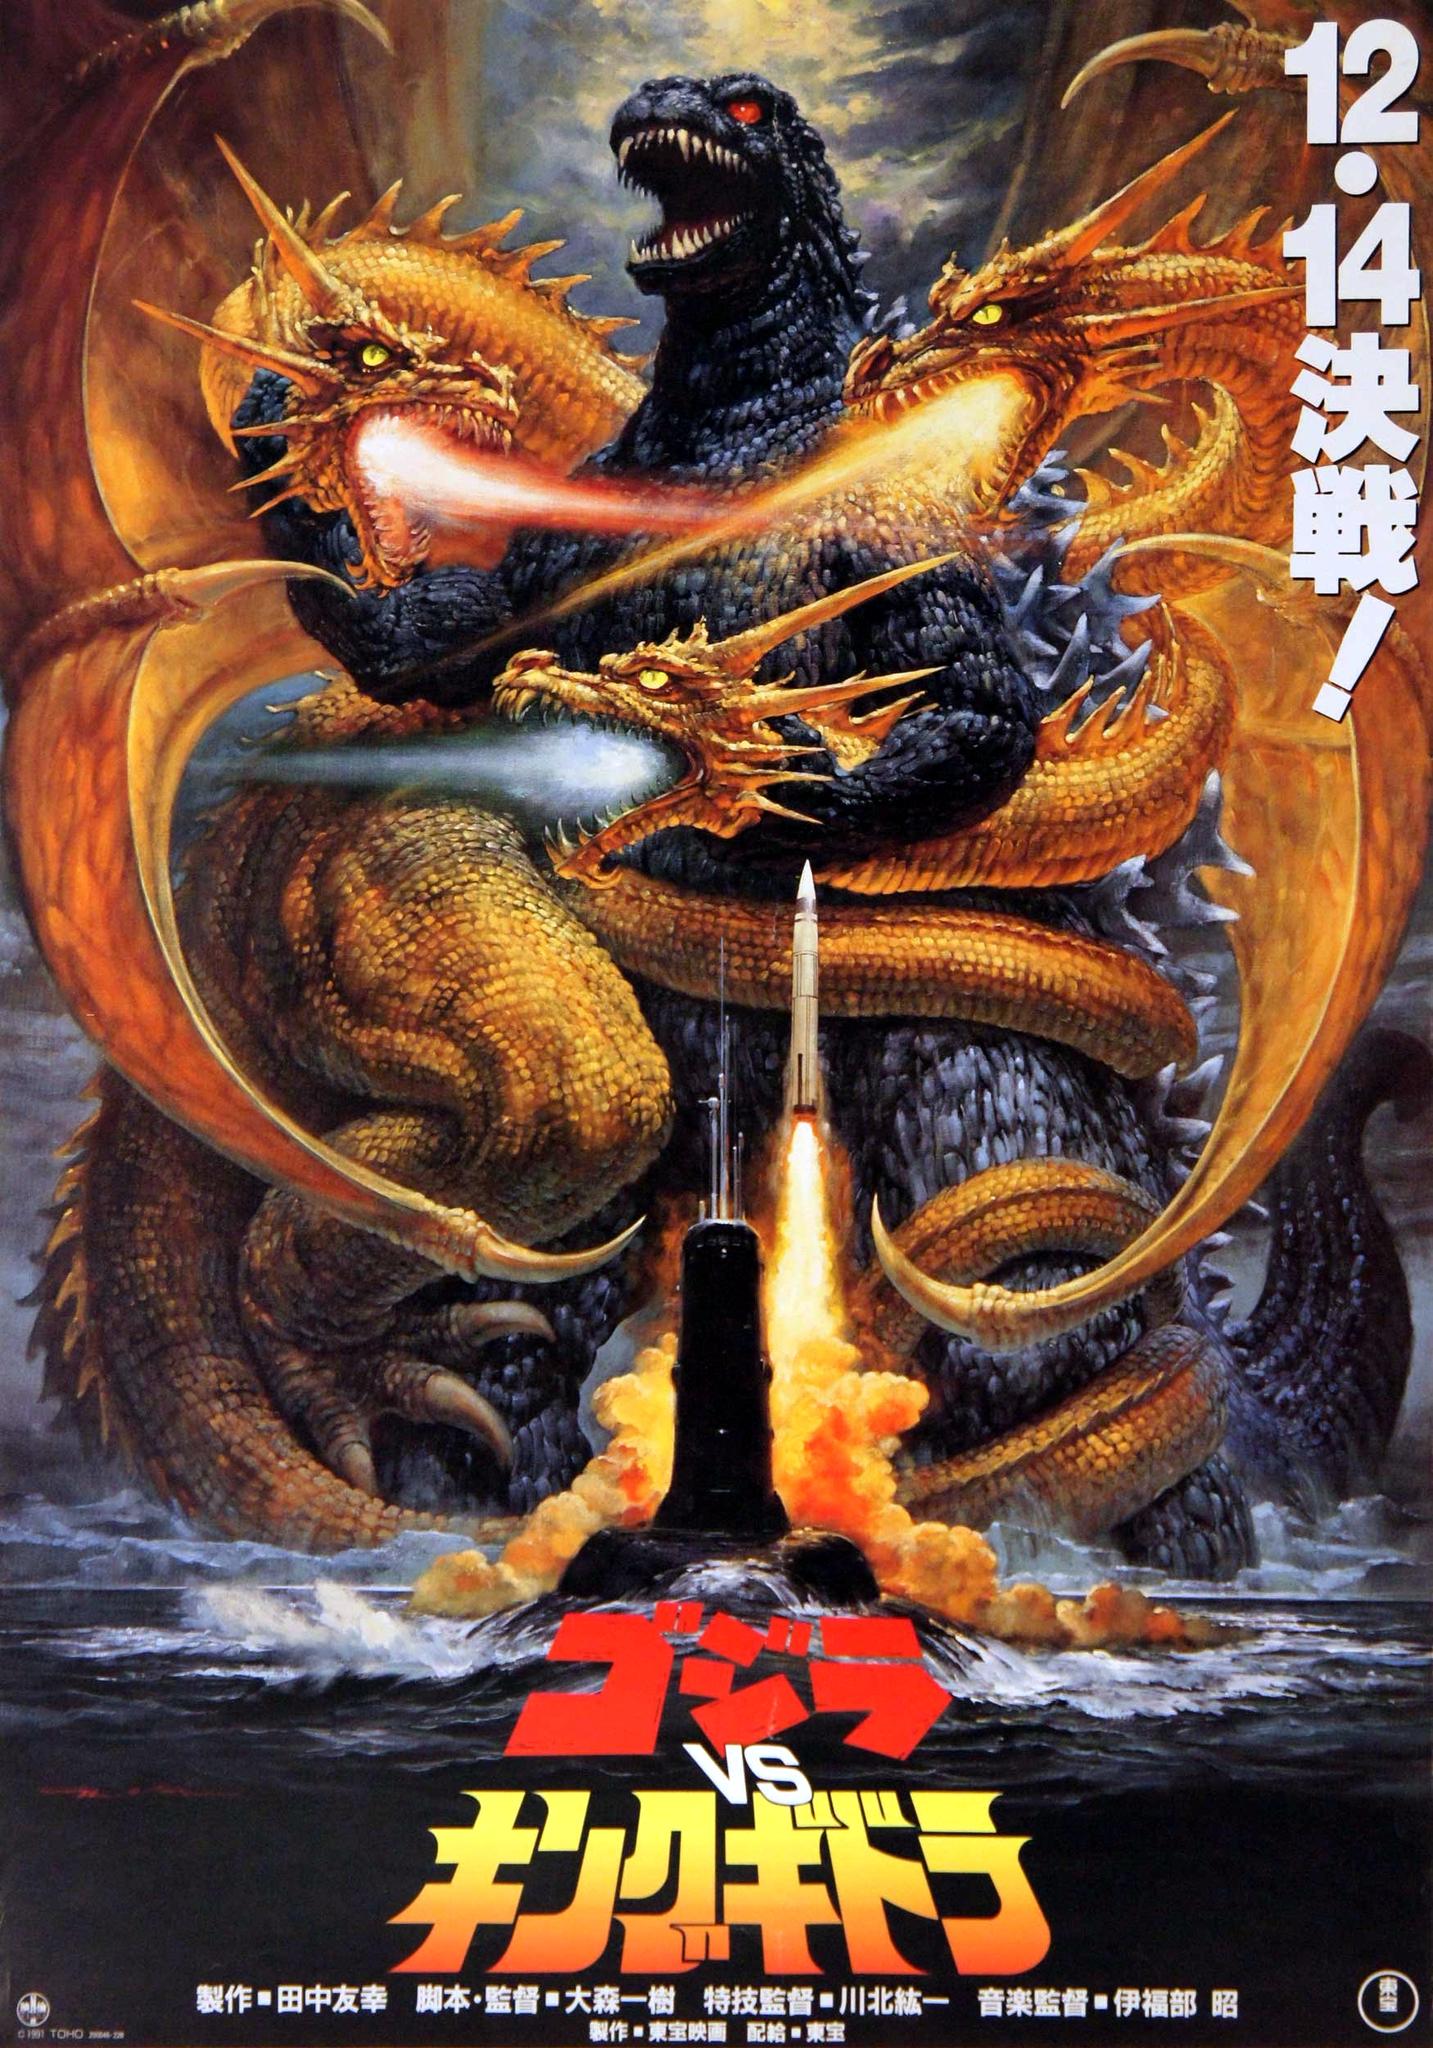 Godzilla Vs King Ghidorah 1991 Photo Gallery Imdb